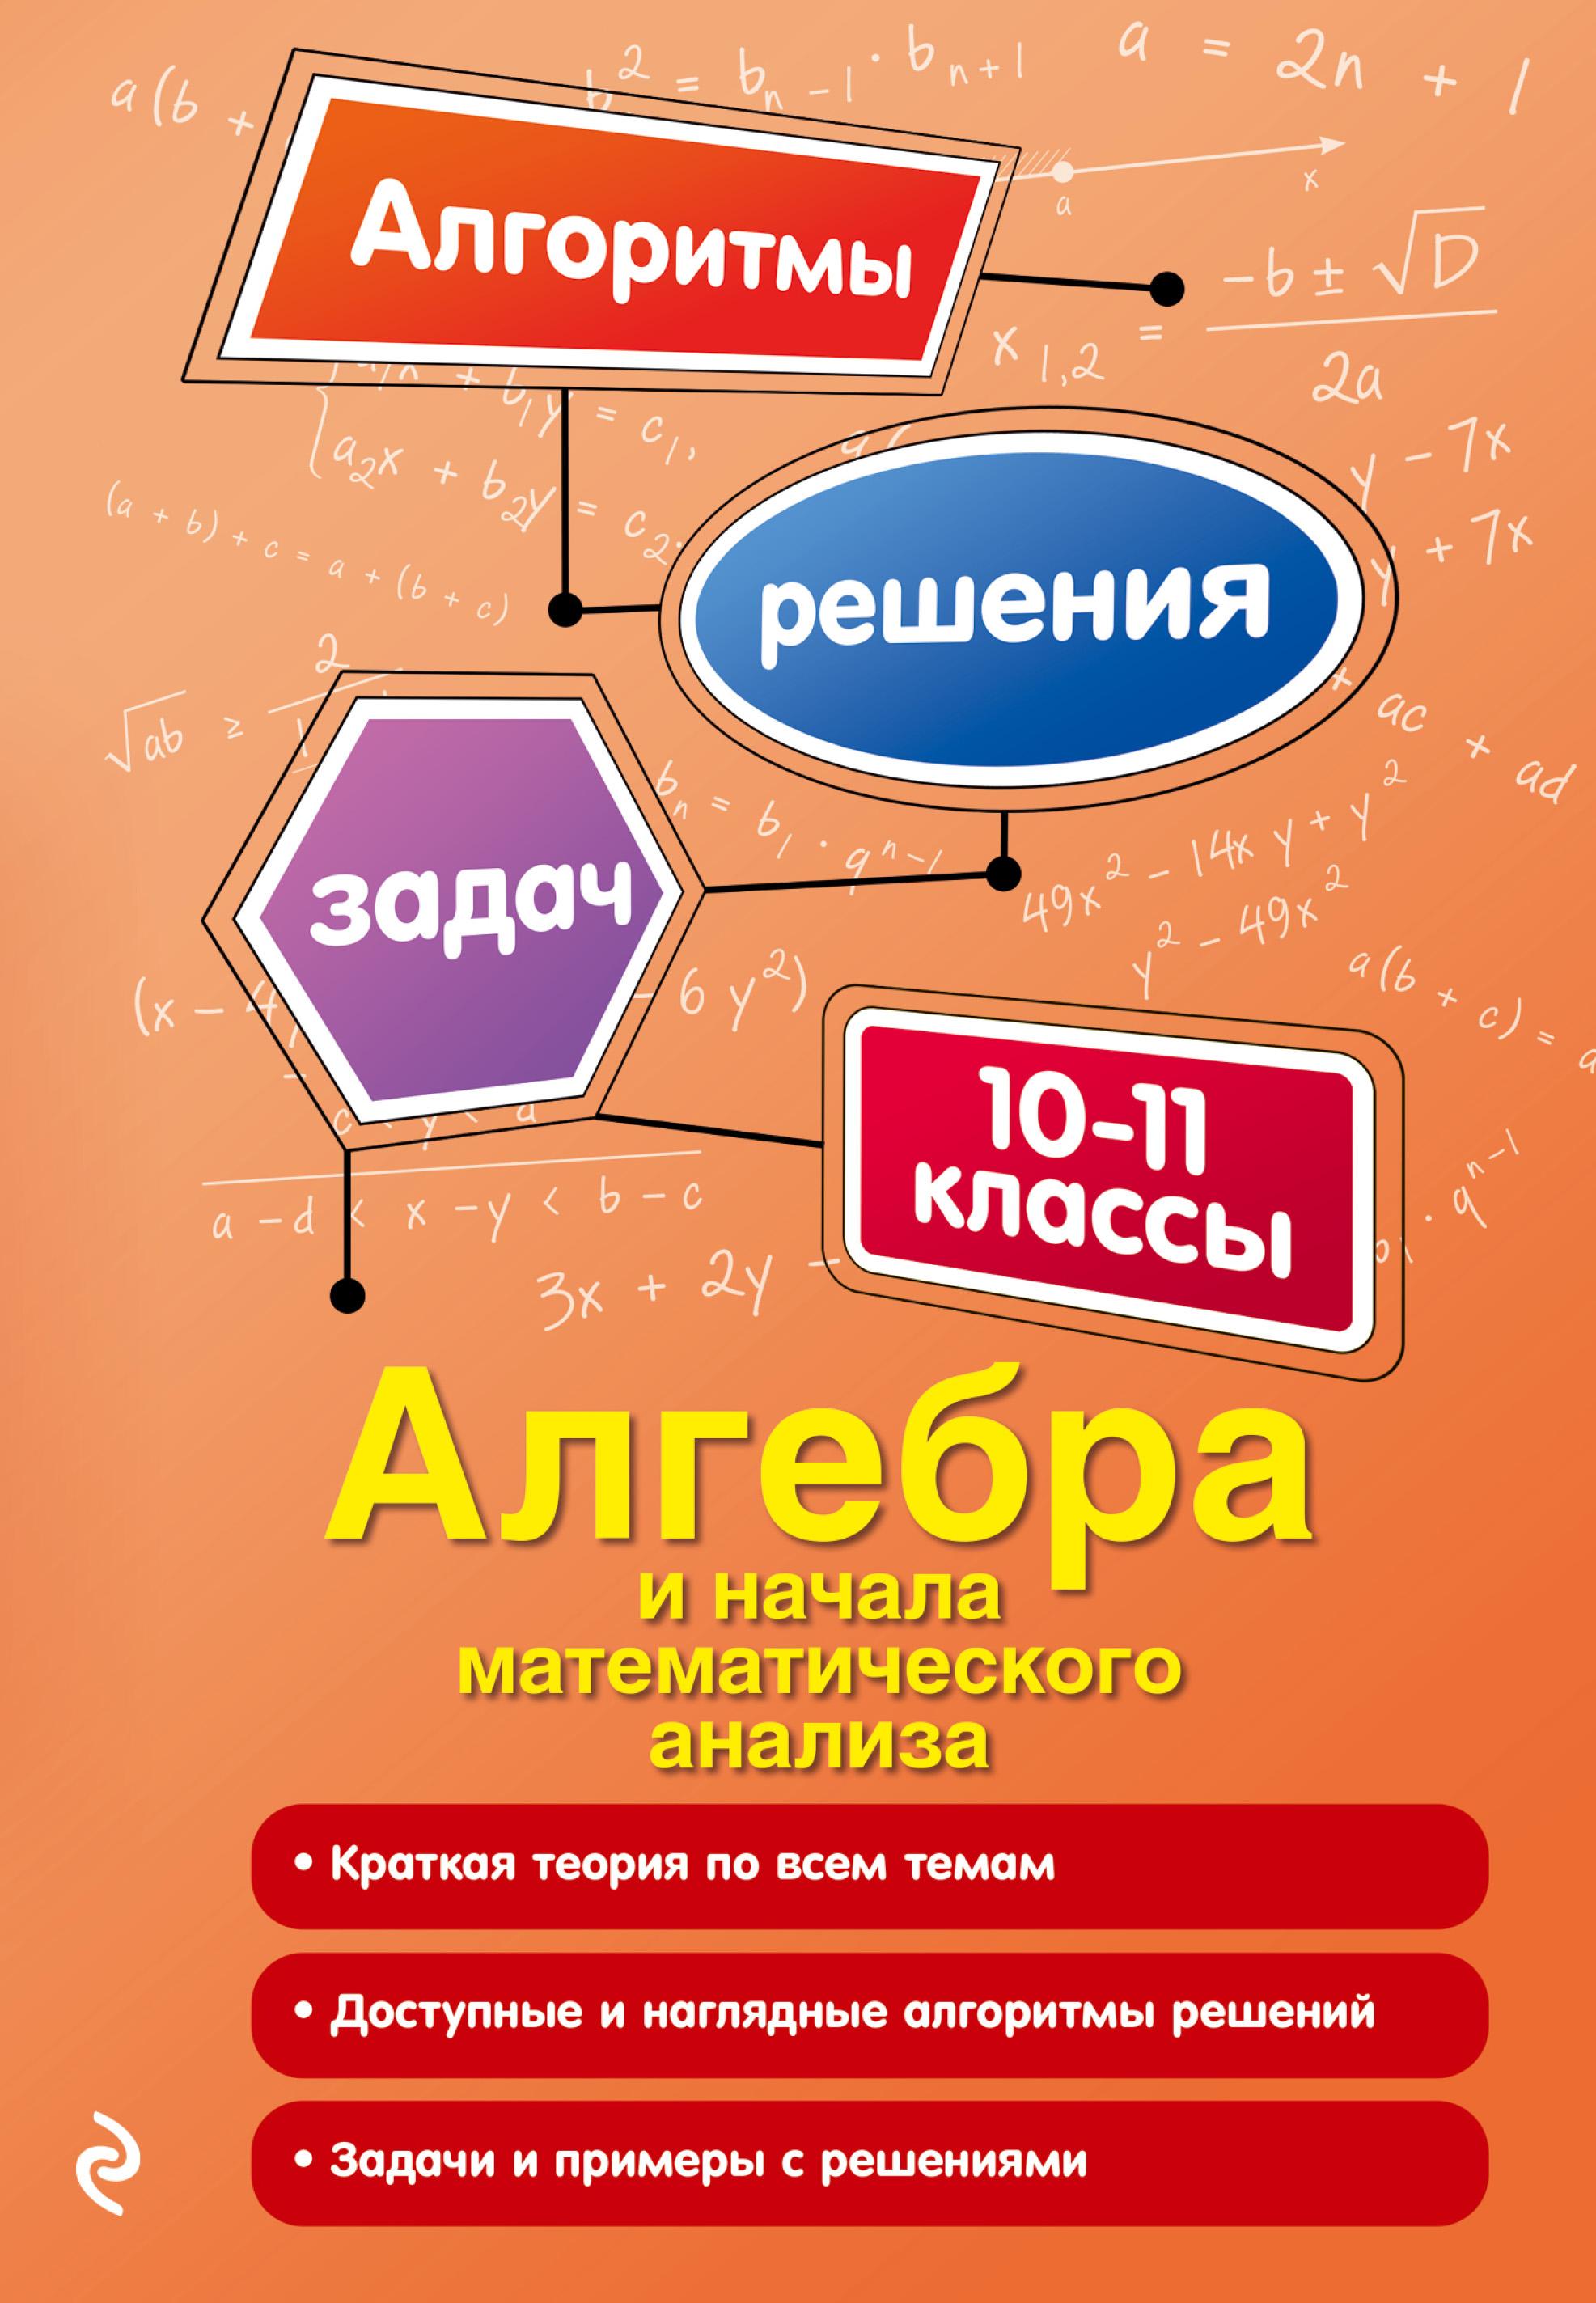 Неля Литвиненко Алгебра и начала математического анализа. 10-11 классы н с никитина высшая алгебра теория и решения типовых задач isbn 978 5 9228 1848 3